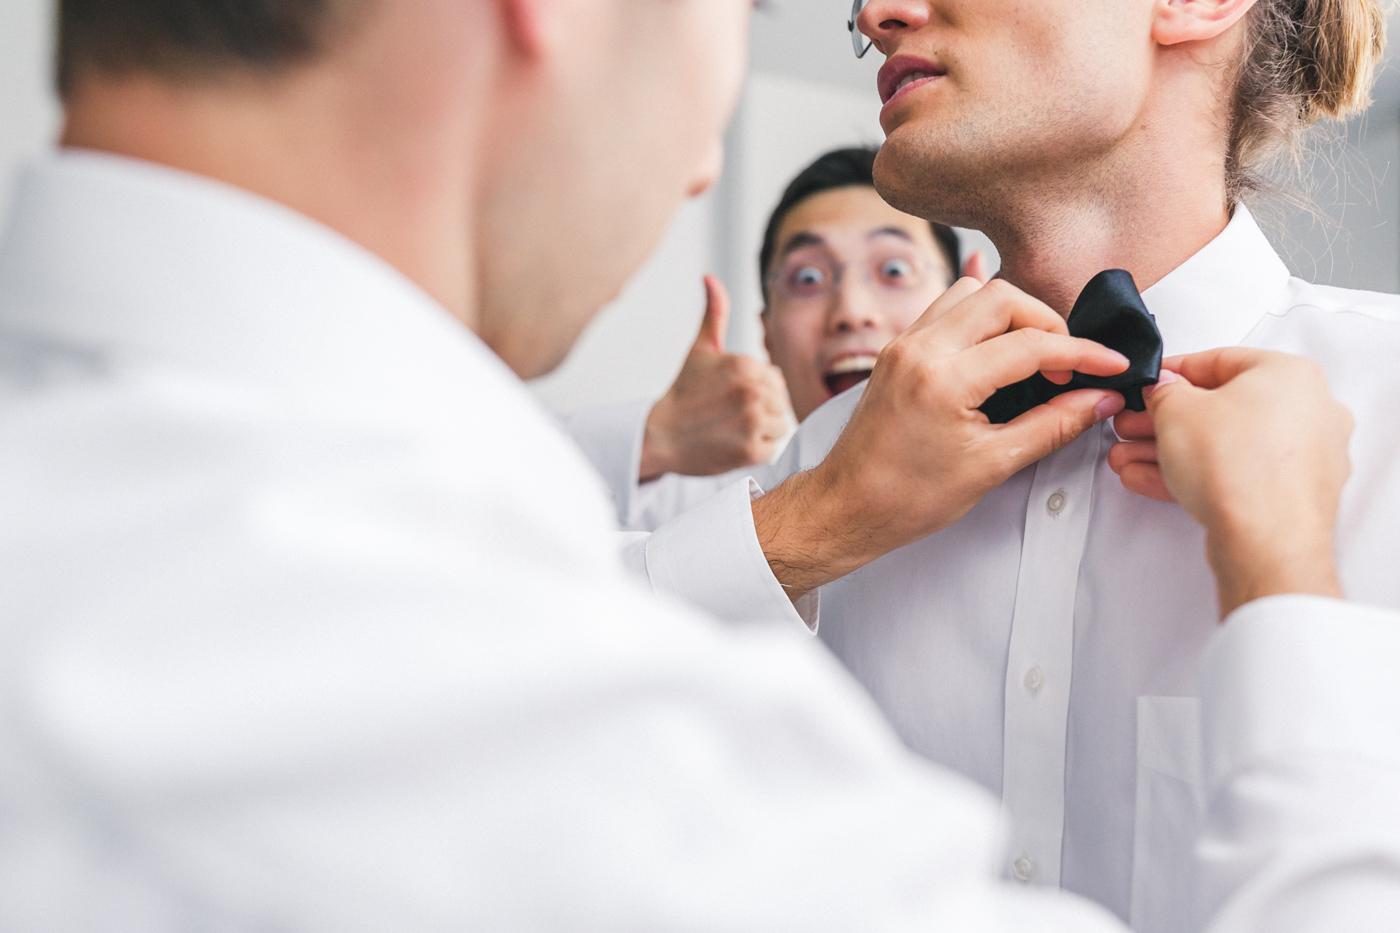 hilarious-groom-photo-bomb